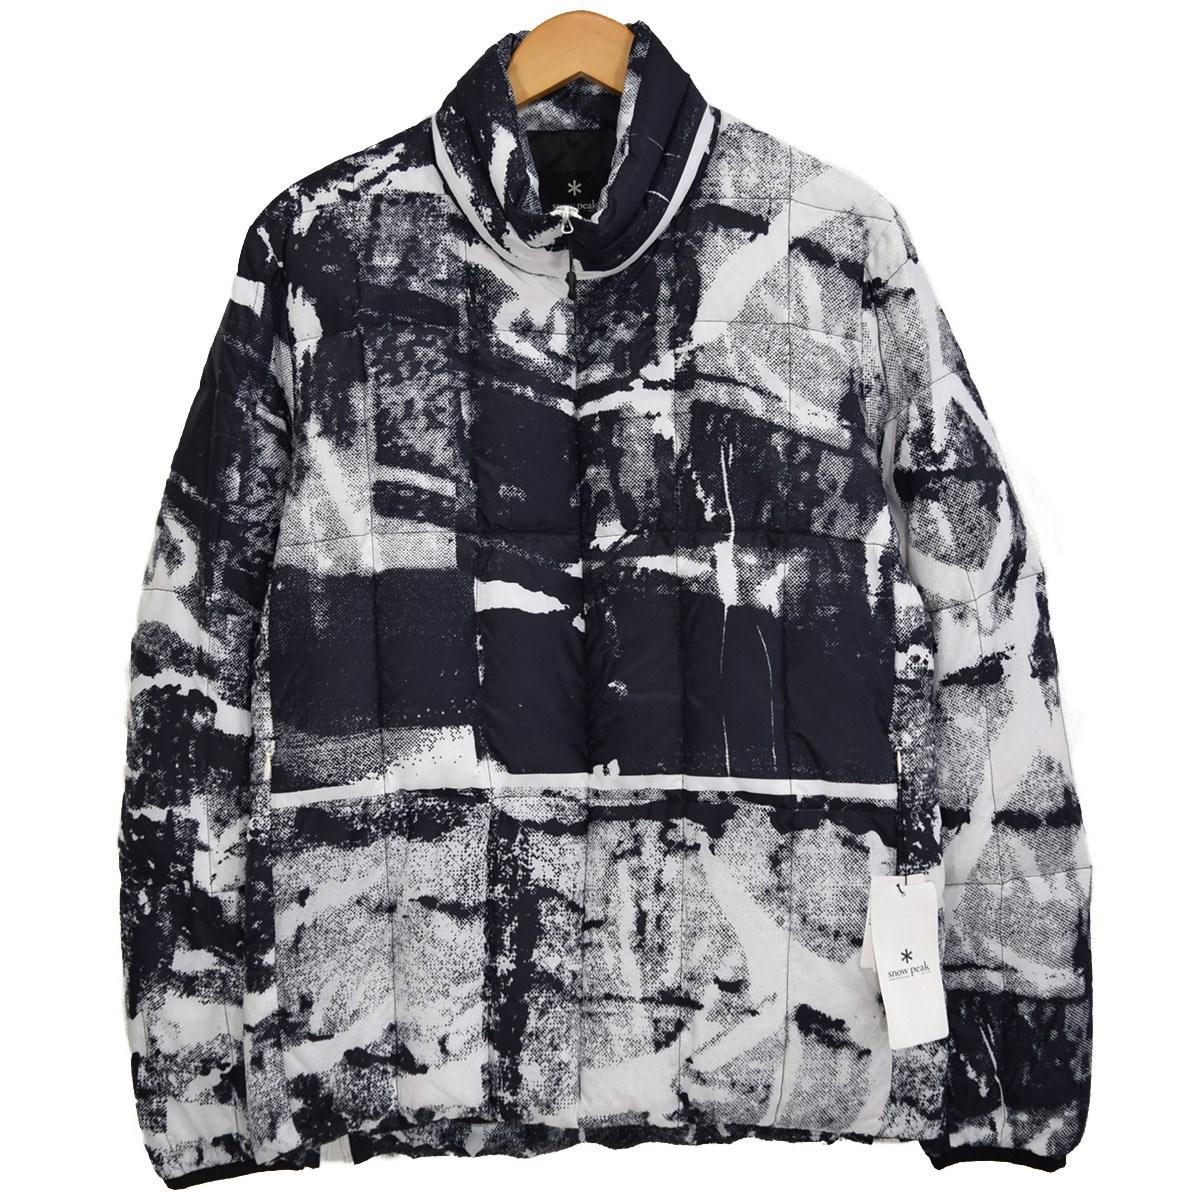 【中古】snow peak RYP Middle Down Jacket ダウンジャケット ヤマイリュウスケ デザイン WHITE PT(ホワイト×ブラック) サイズ:JAPAN M 【110320】(スノーピーク)